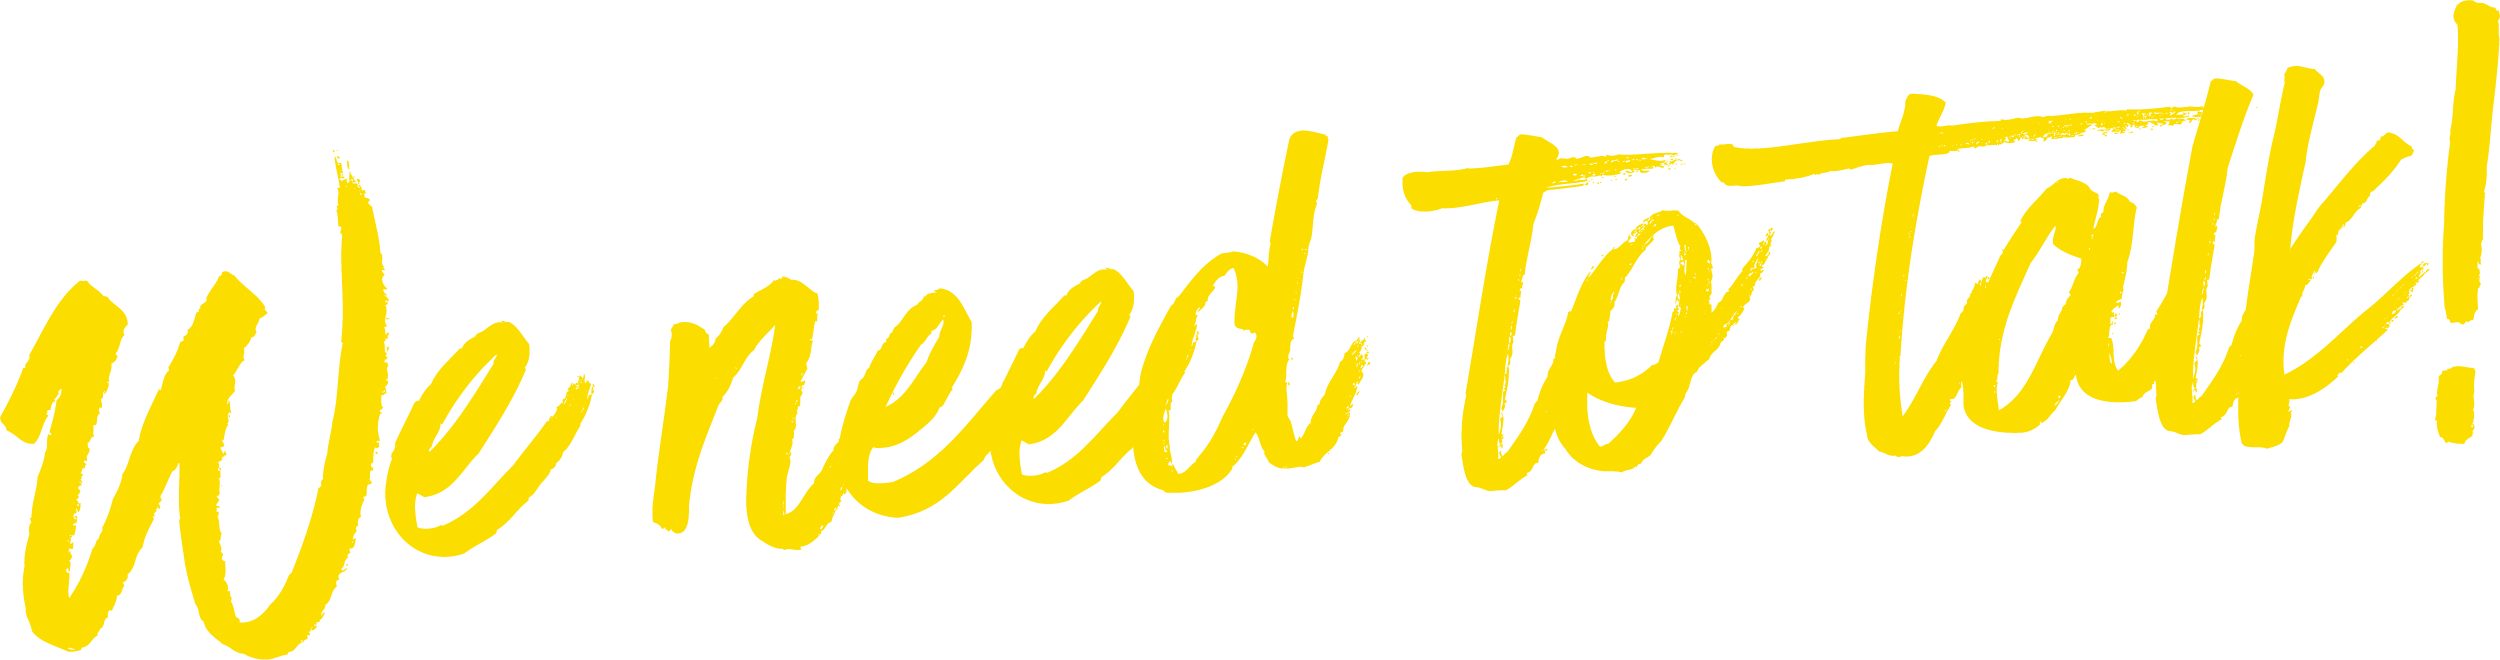 WeNeedToTalk.png